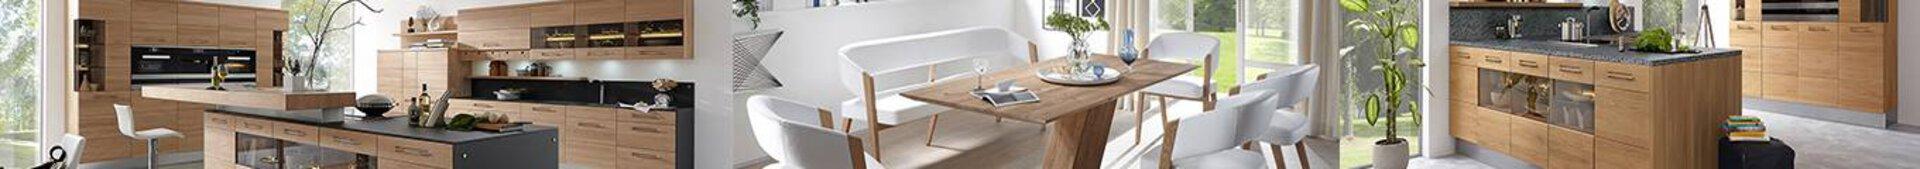 Bannerbild zu Premiumküchen der Marke Decker